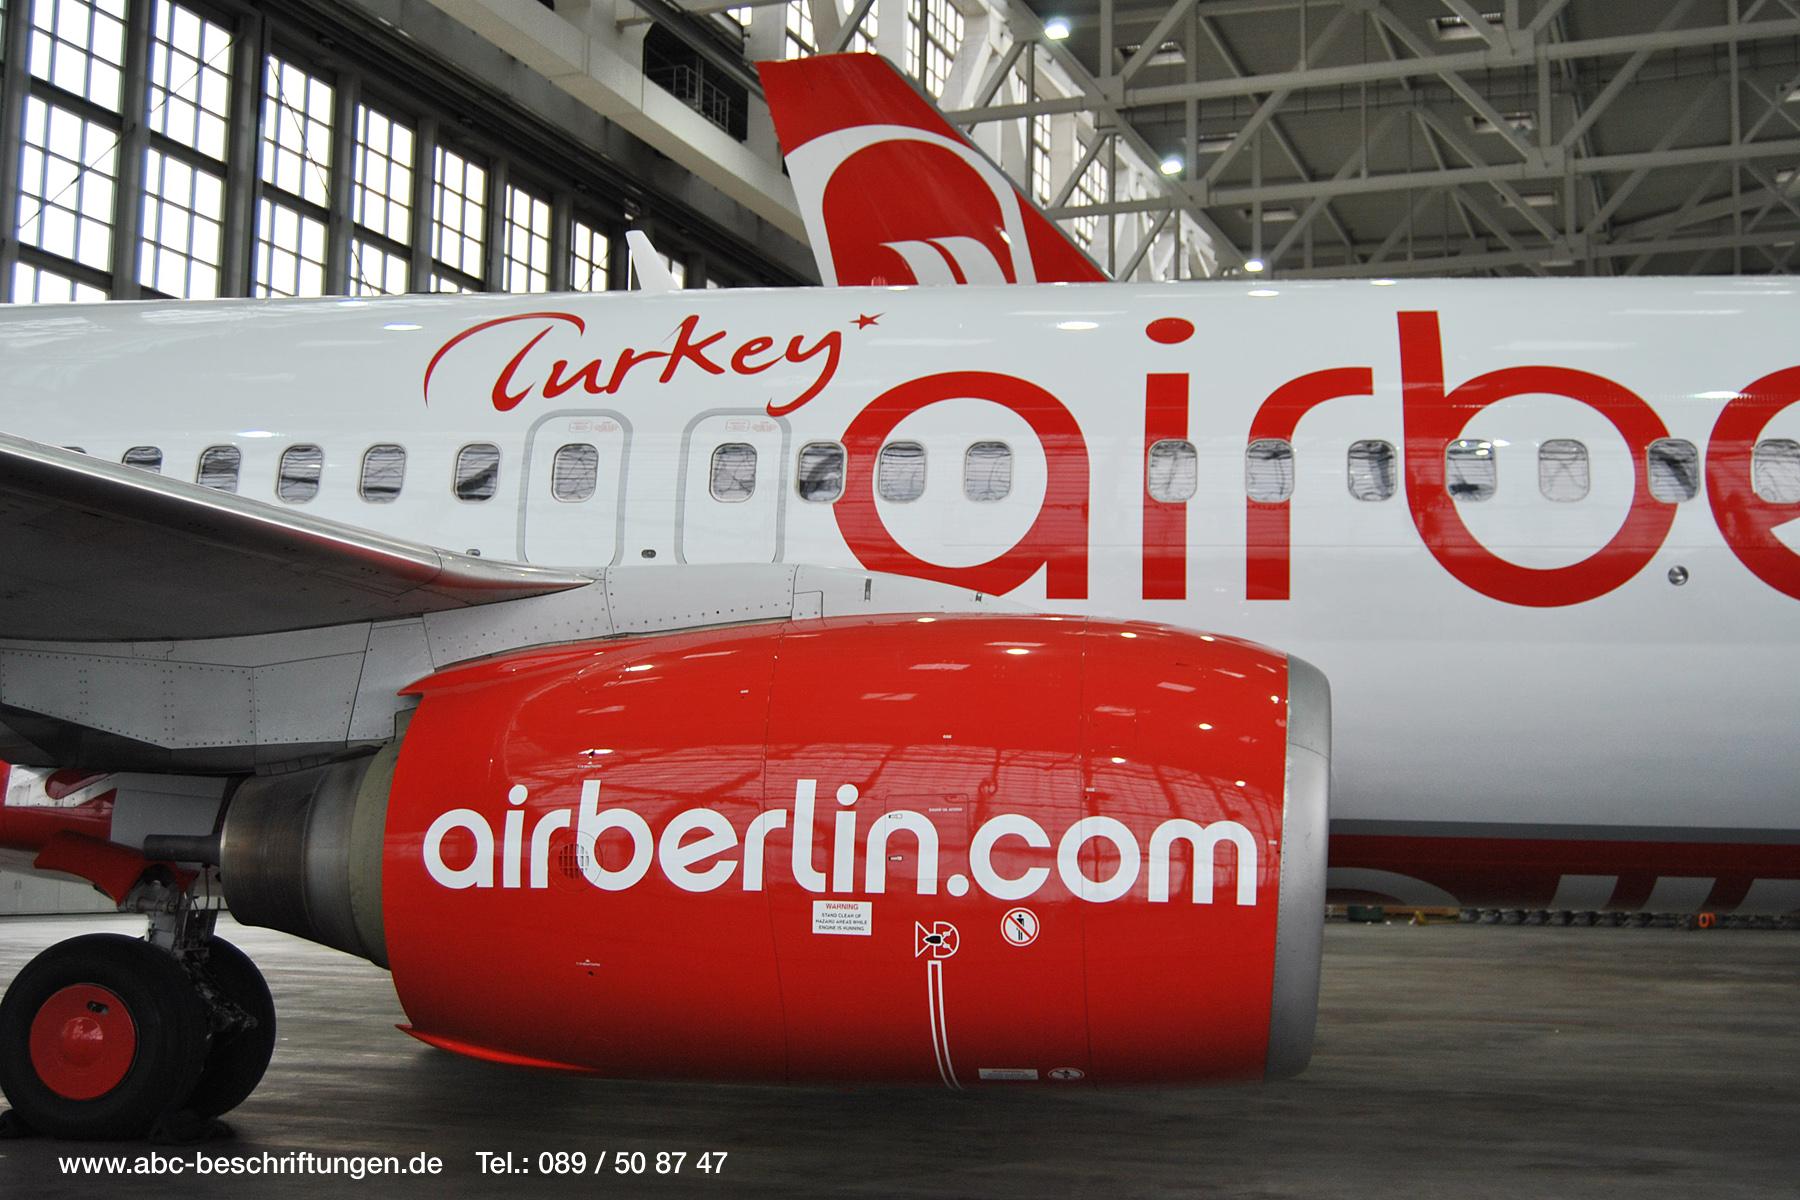 """Airberlin """"Turkey""""   ABC Beschriftungsbedarf GmbH München"""